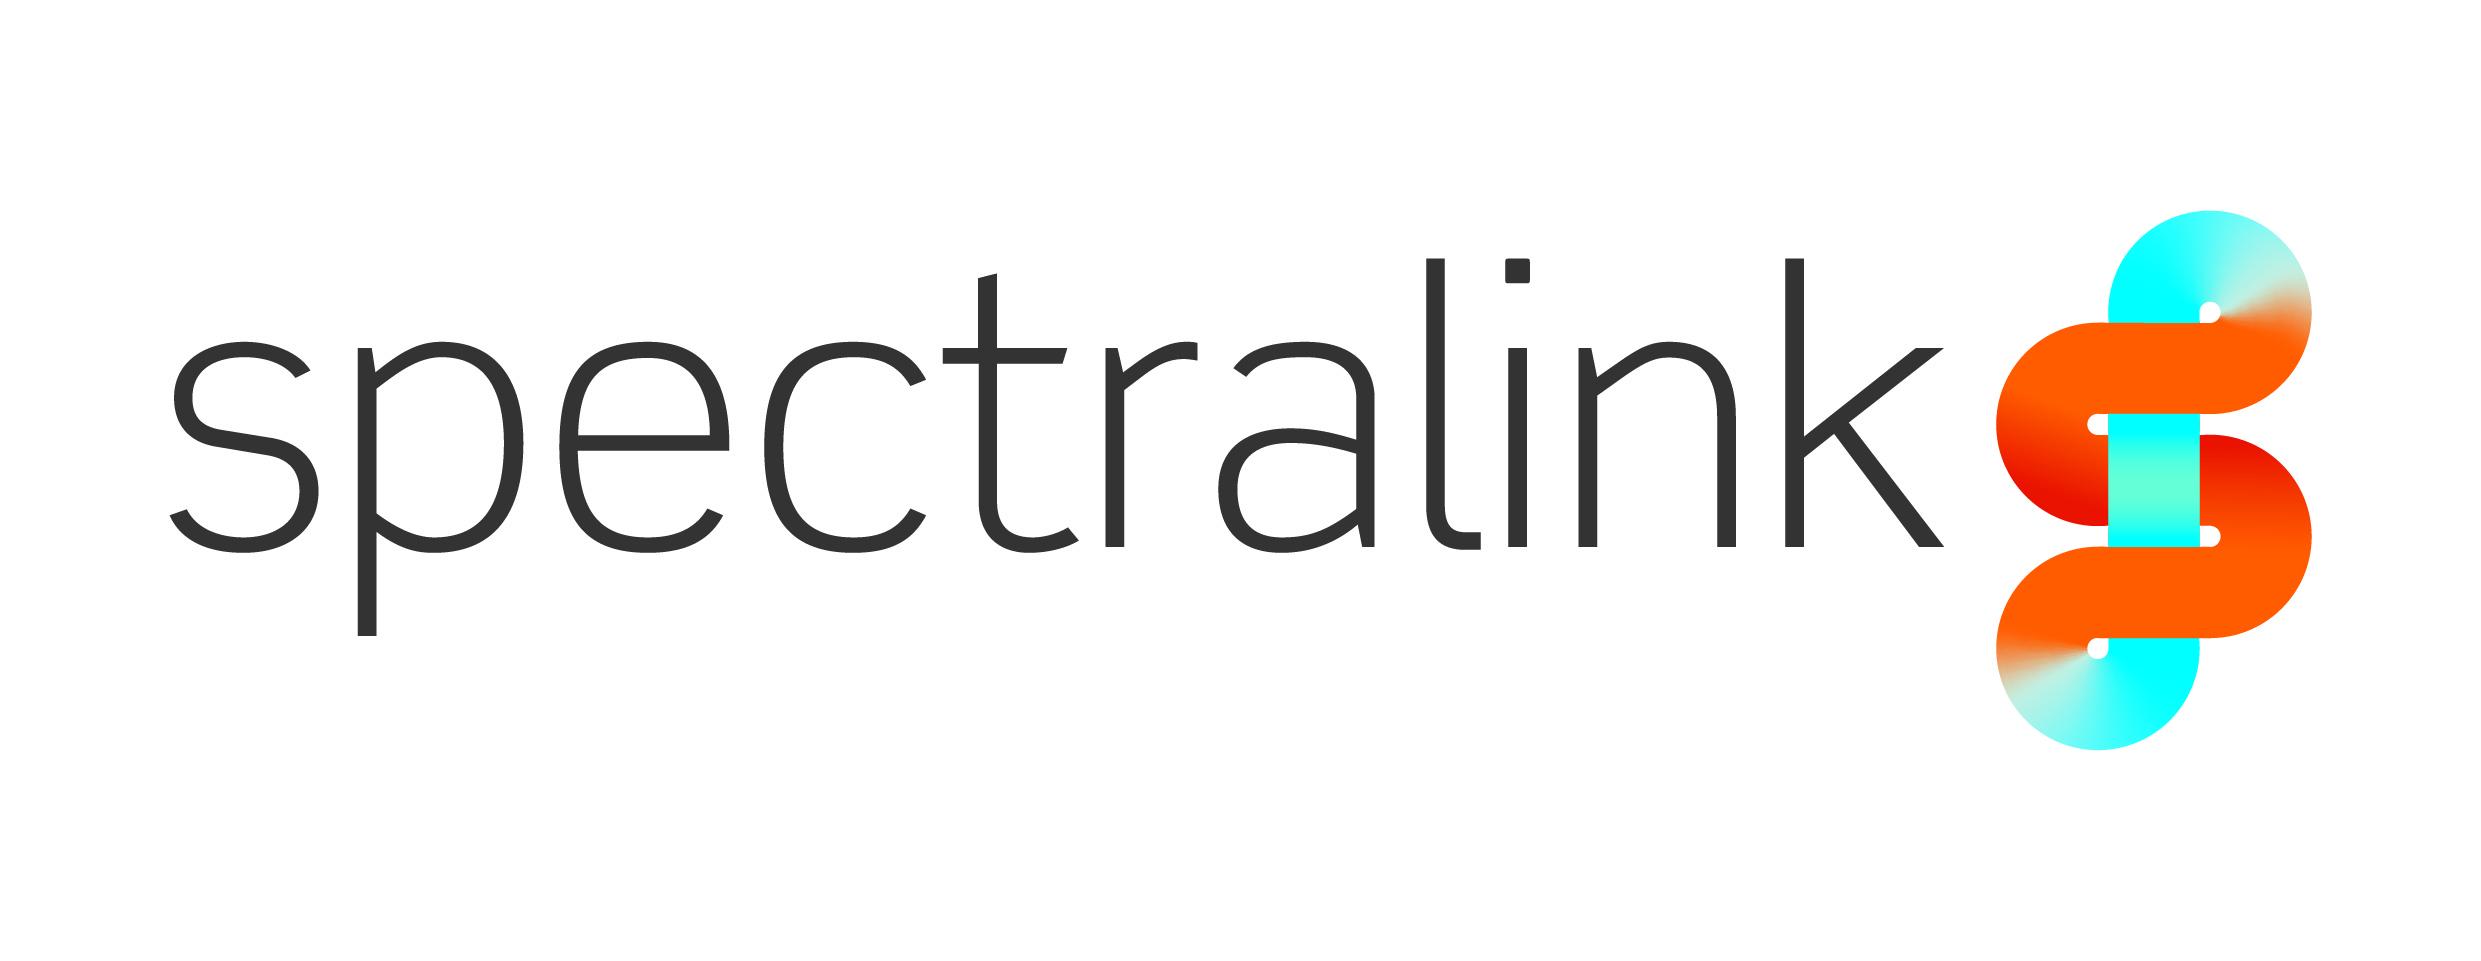 spectralink_logo-notag (002)